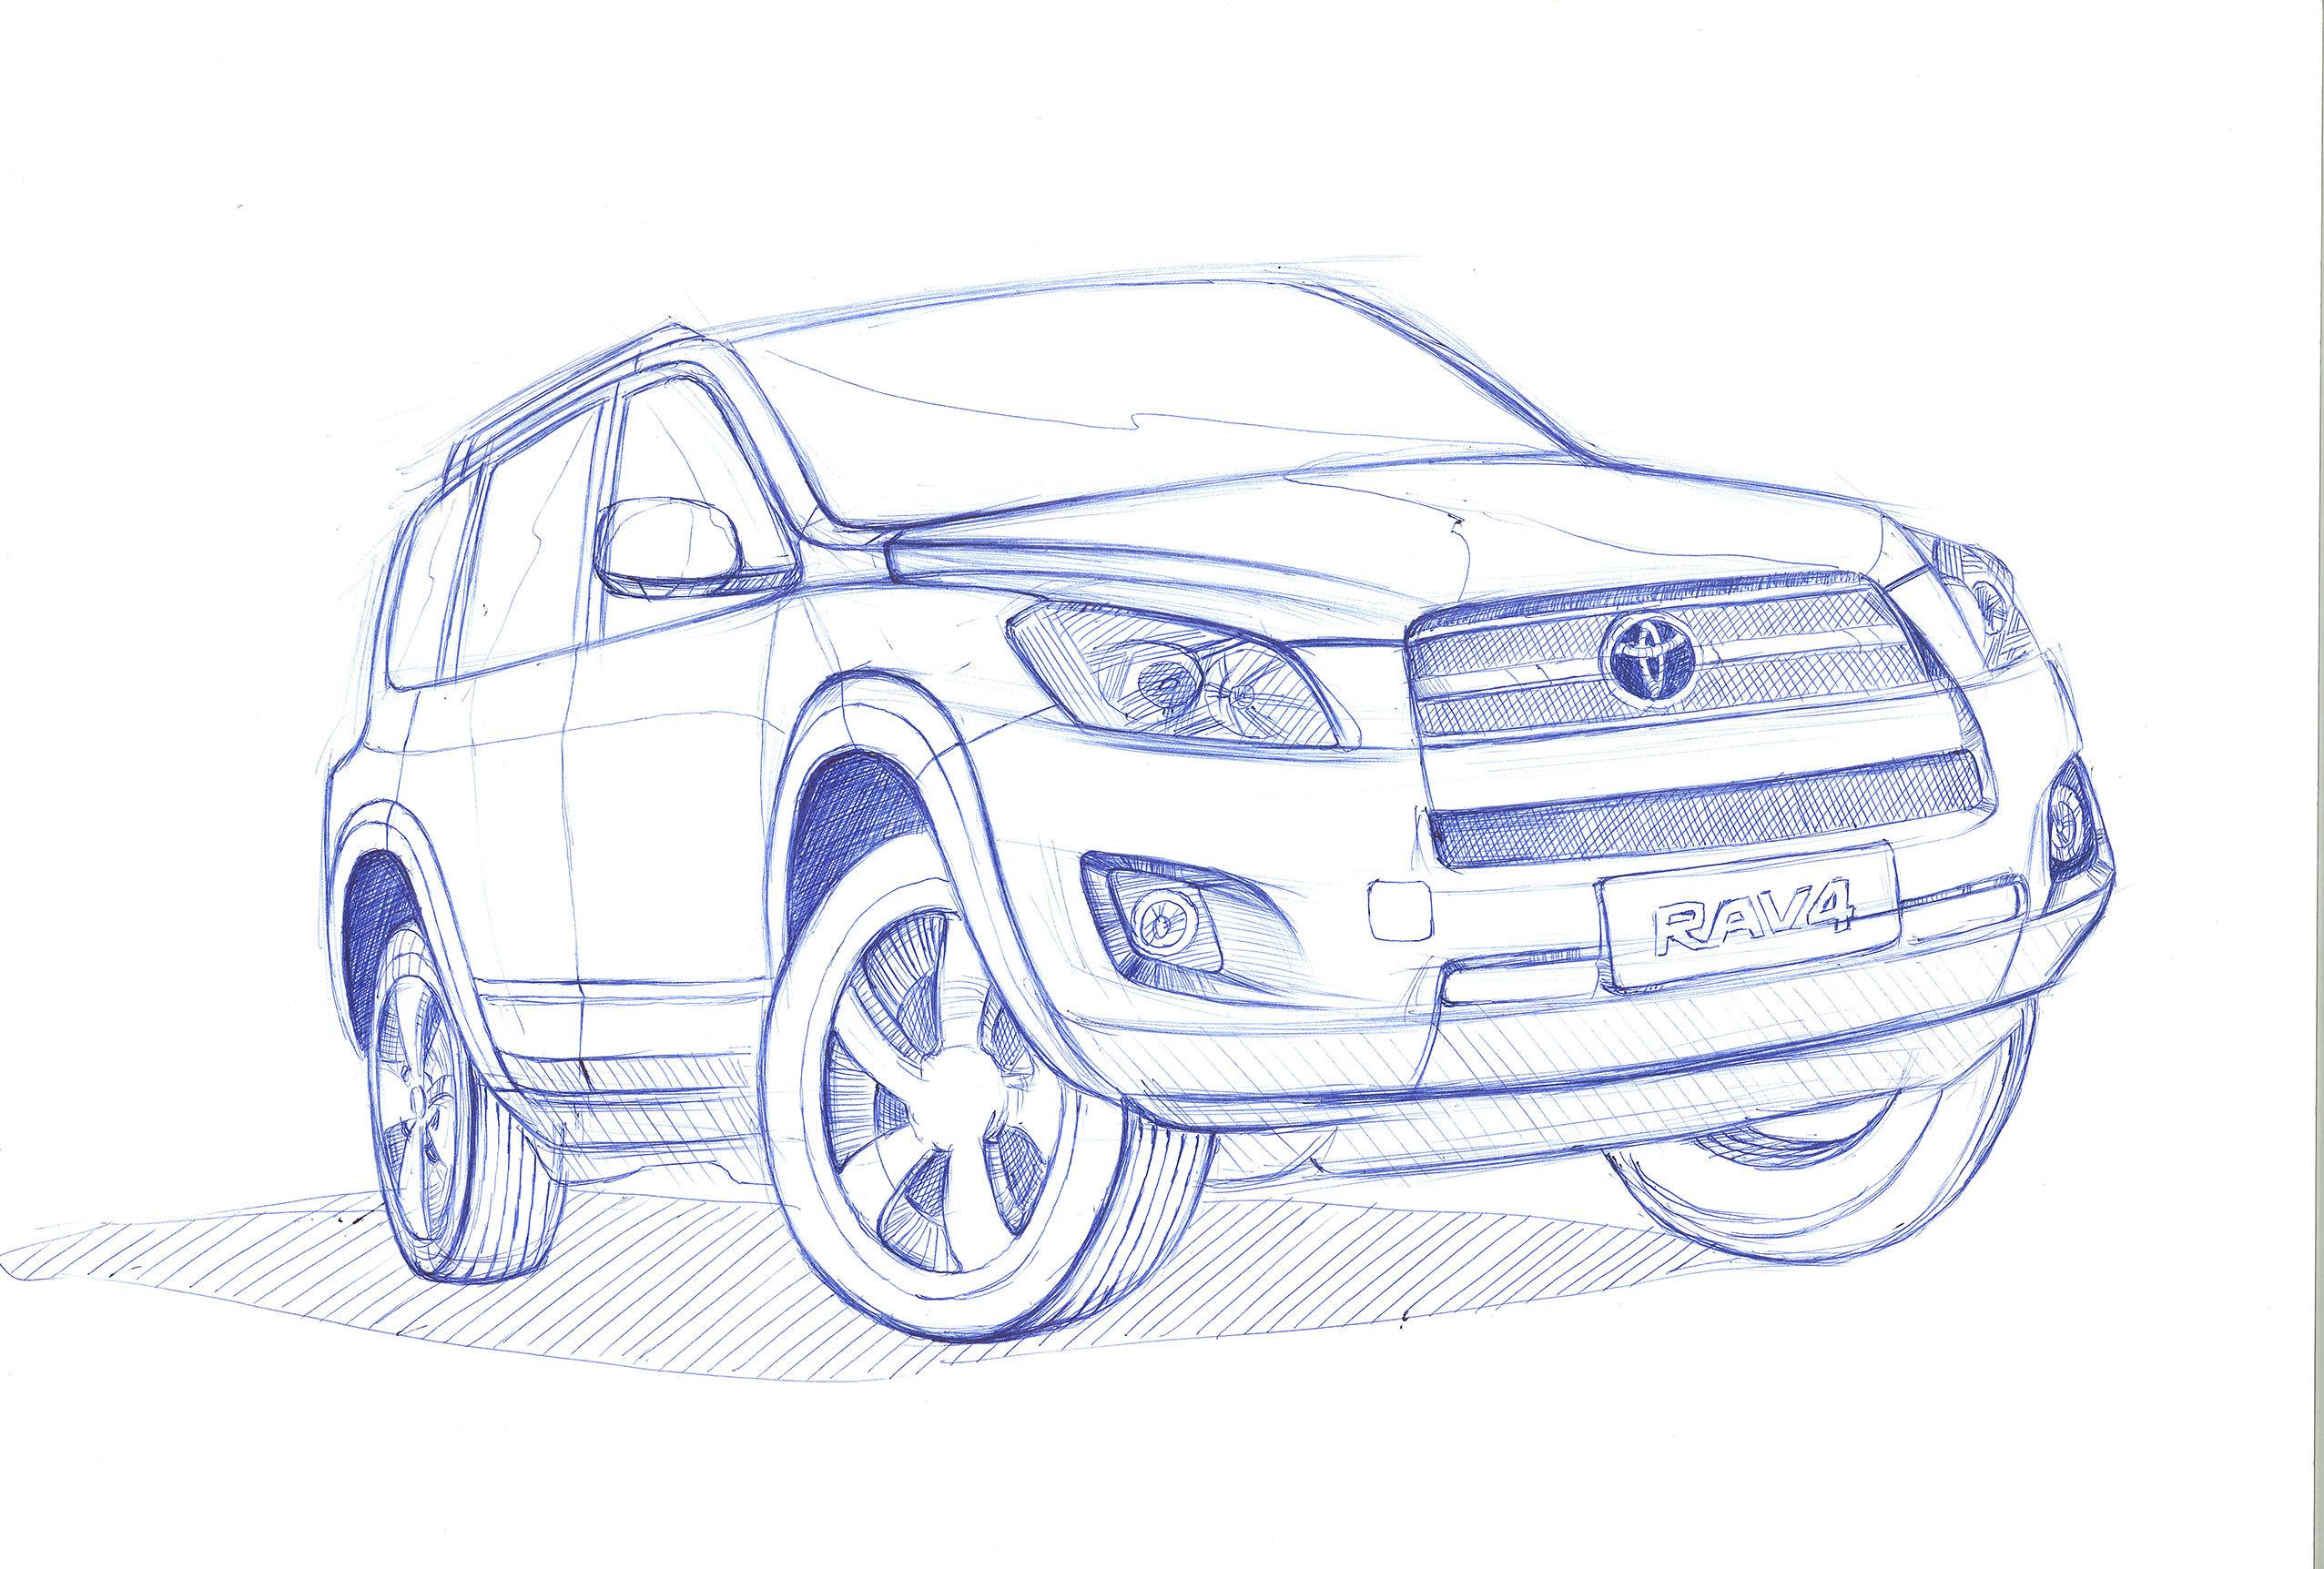 圆珠笔手绘汽车作品|工业/产品|交通工具|饮水思源